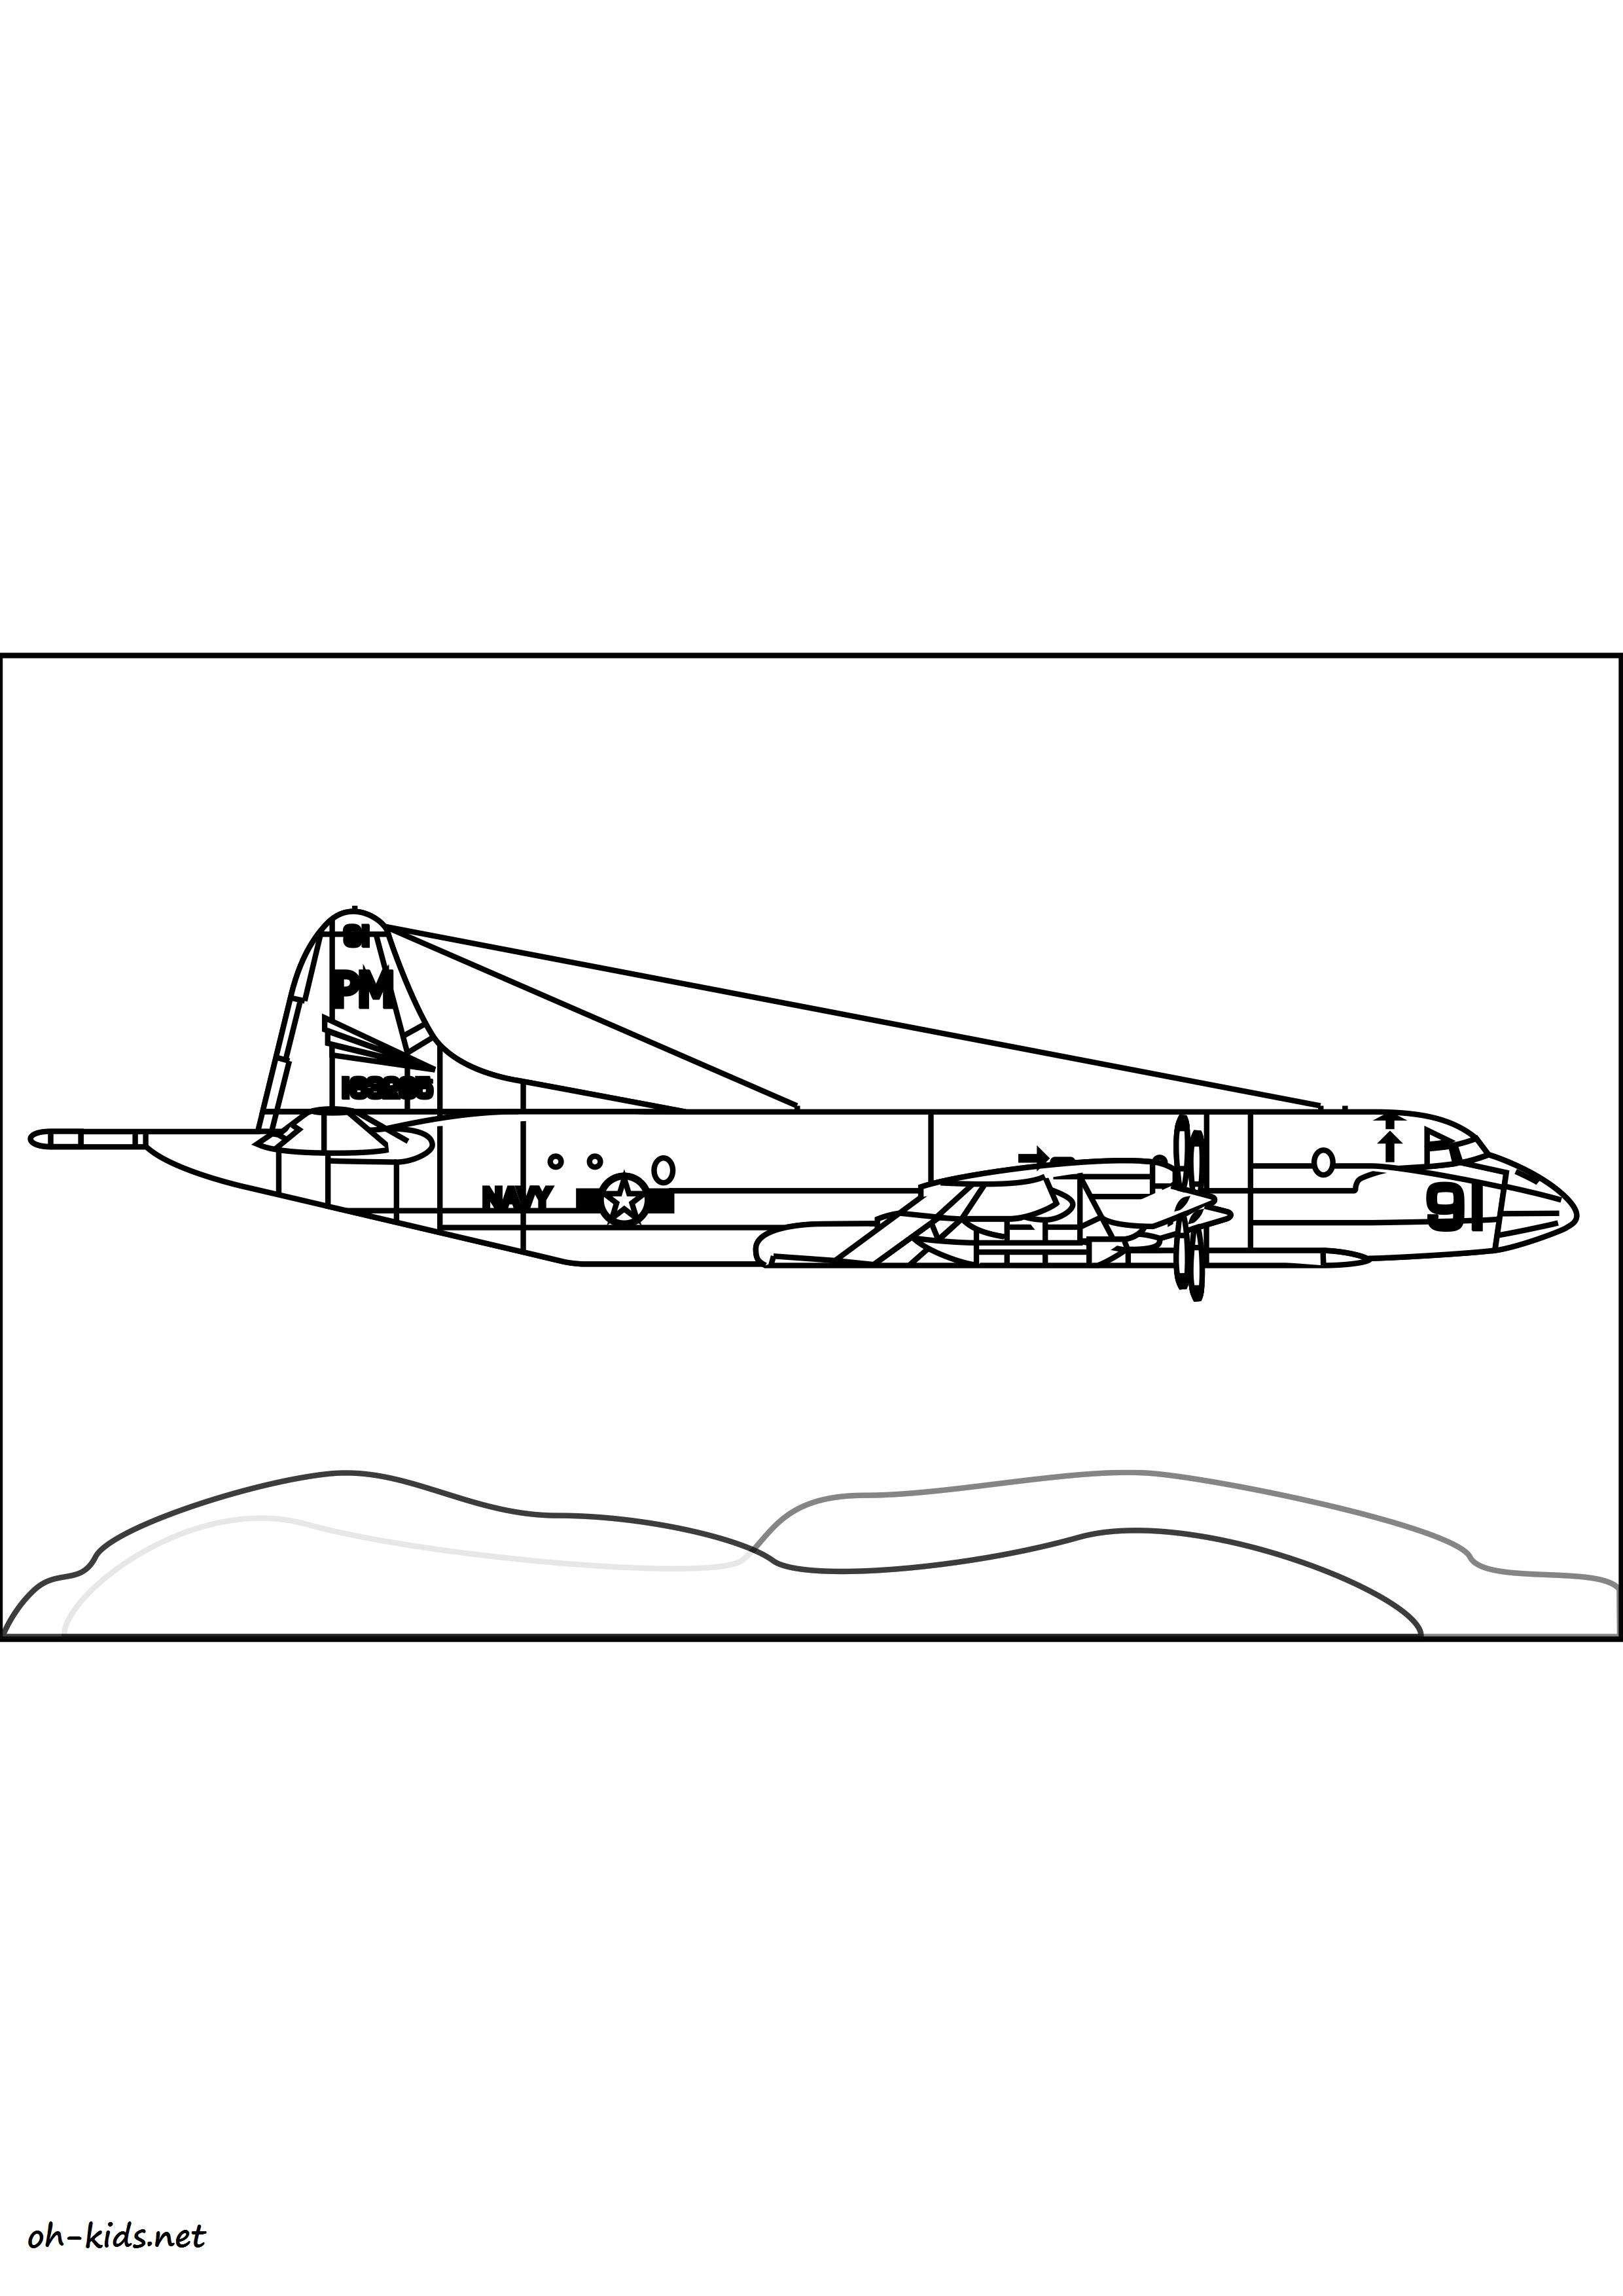 image de avion de chasse a dessiner - Dessin #1438